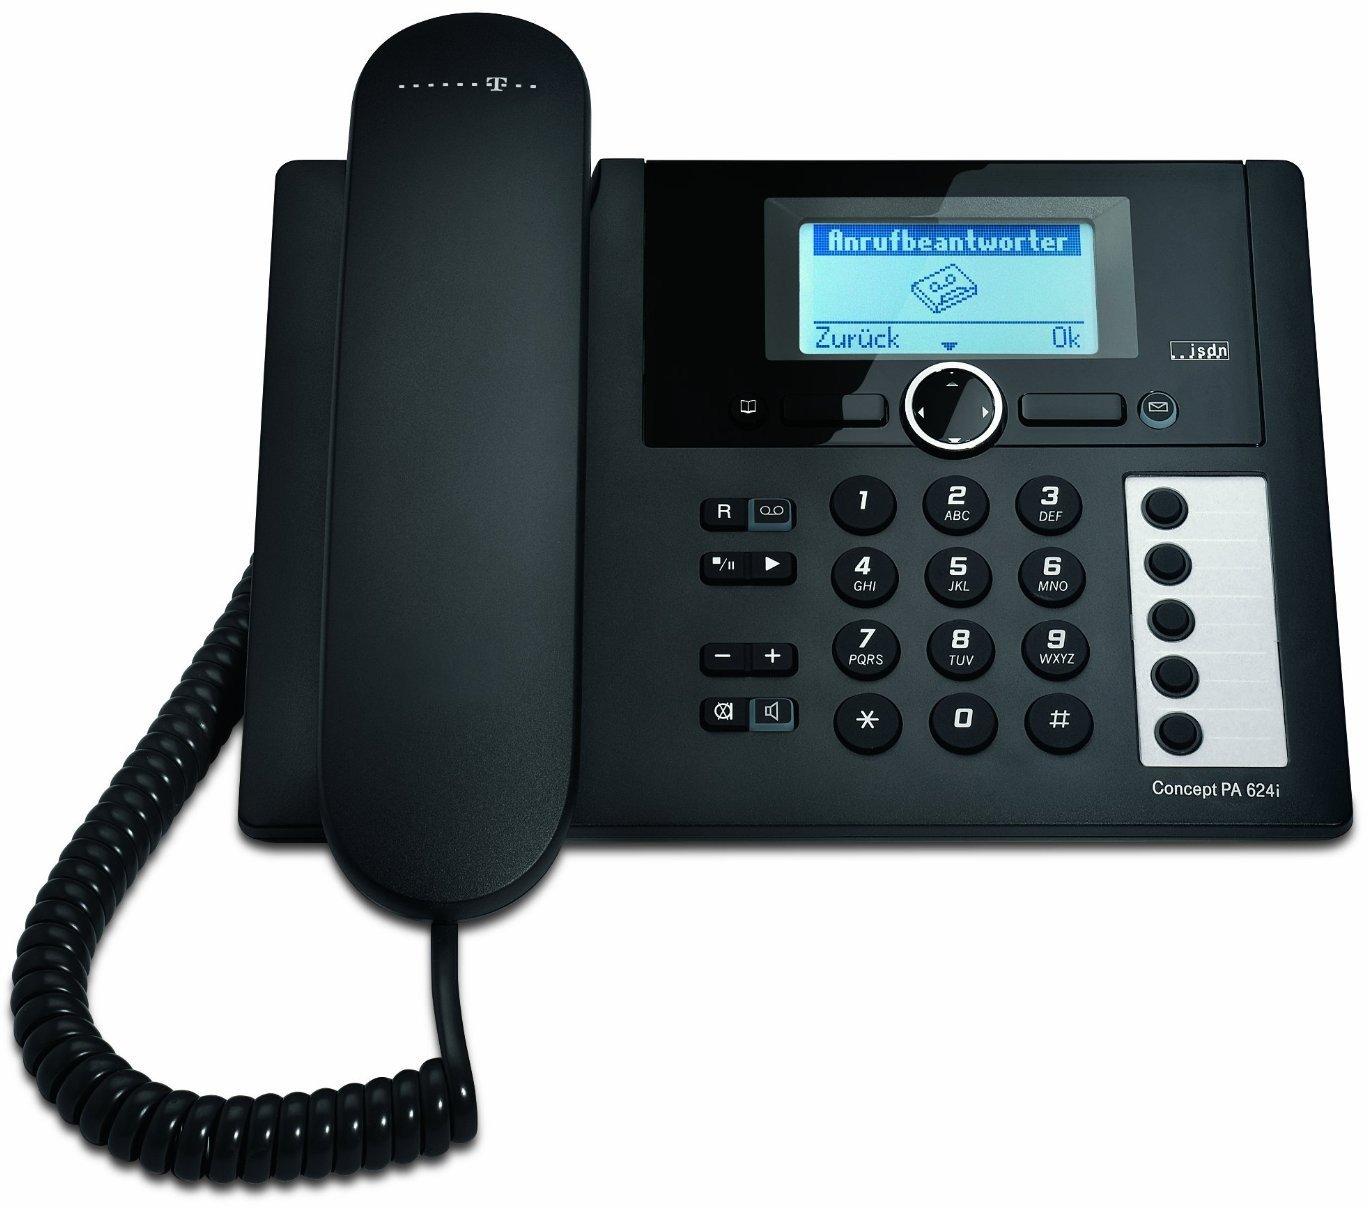 t concept pa624i isdn telefon mit anrufbeantworter tischtelefon schnurgebunden. Black Bedroom Furniture Sets. Home Design Ideas